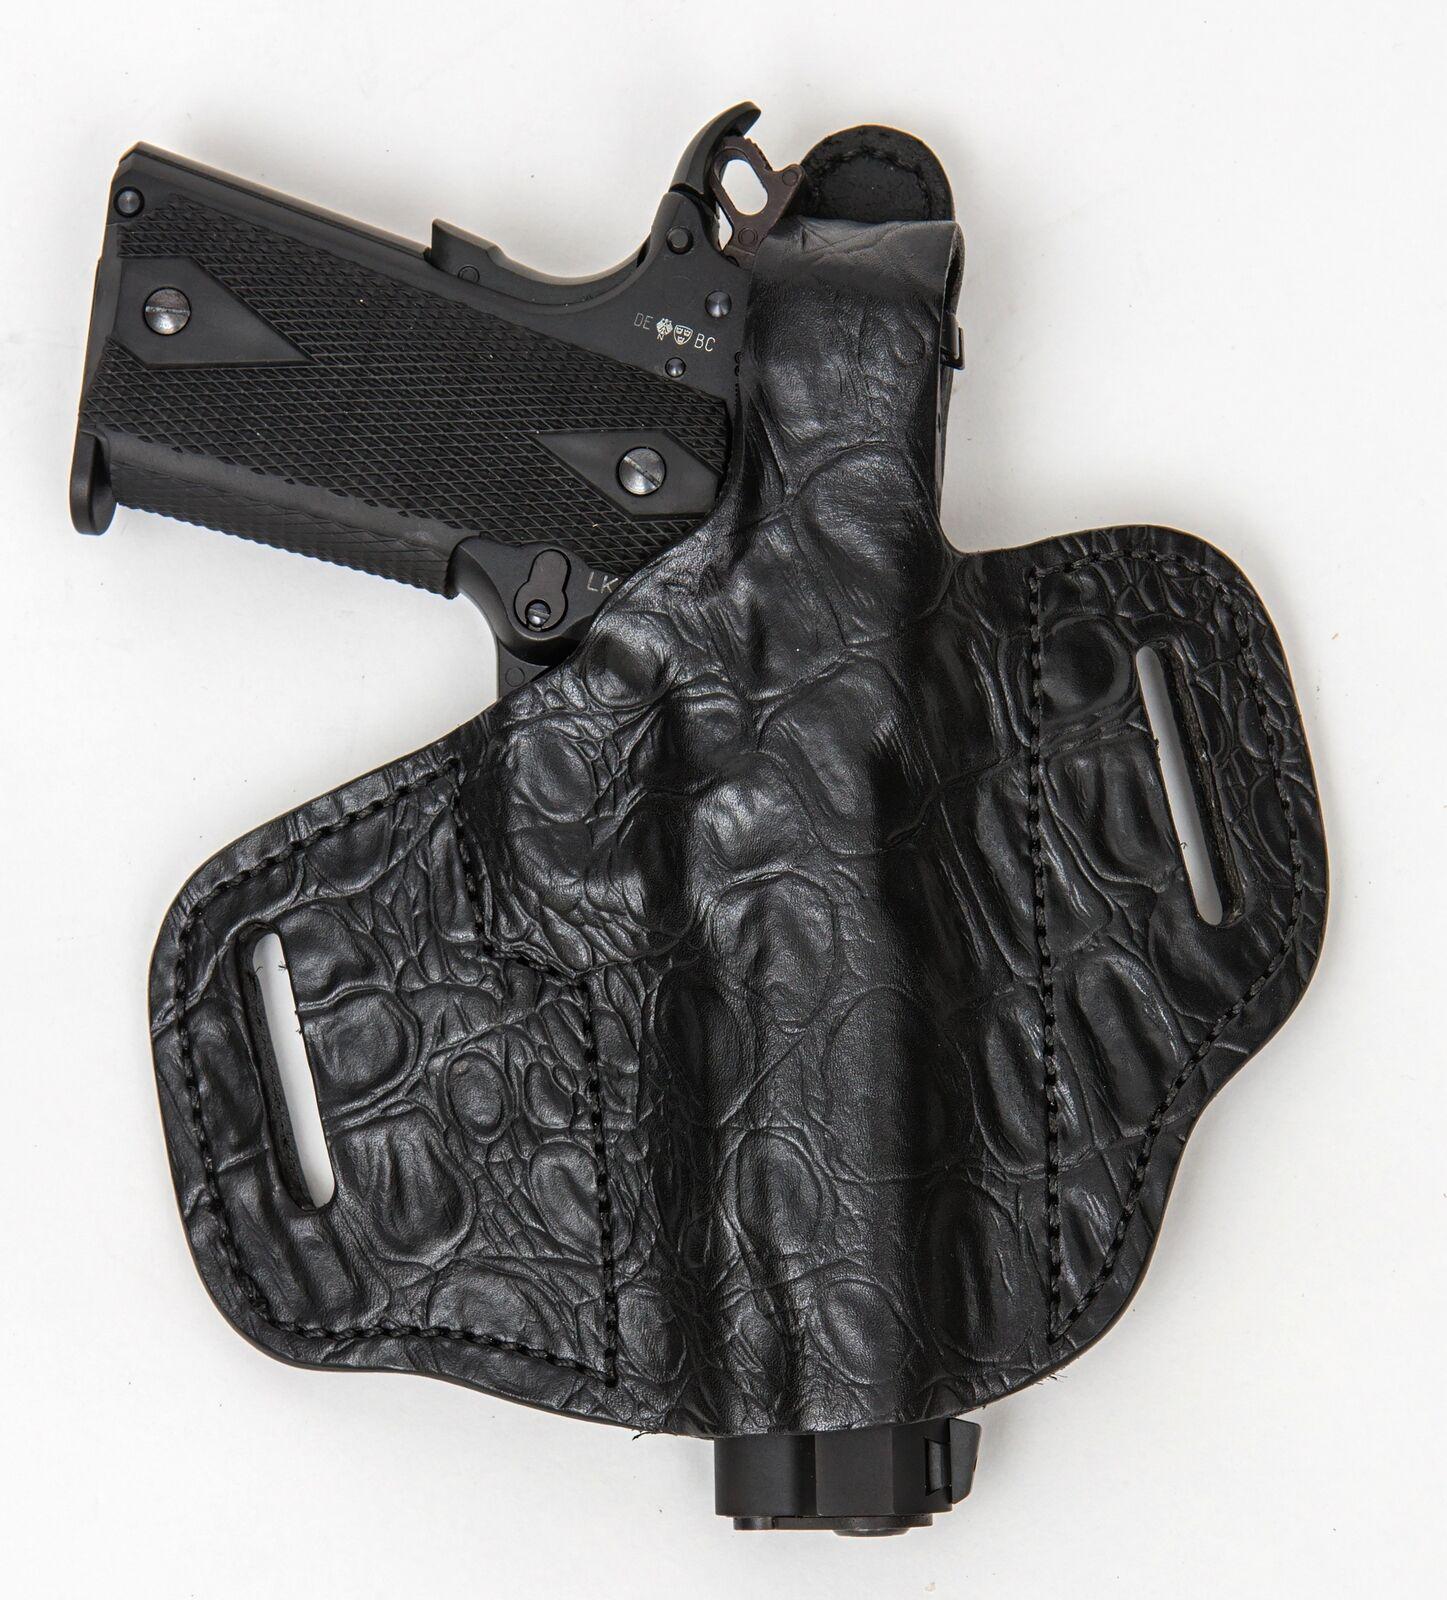 On Duty Conceal RH LH OWB Leder Gun Holster For CARACAL 9MM